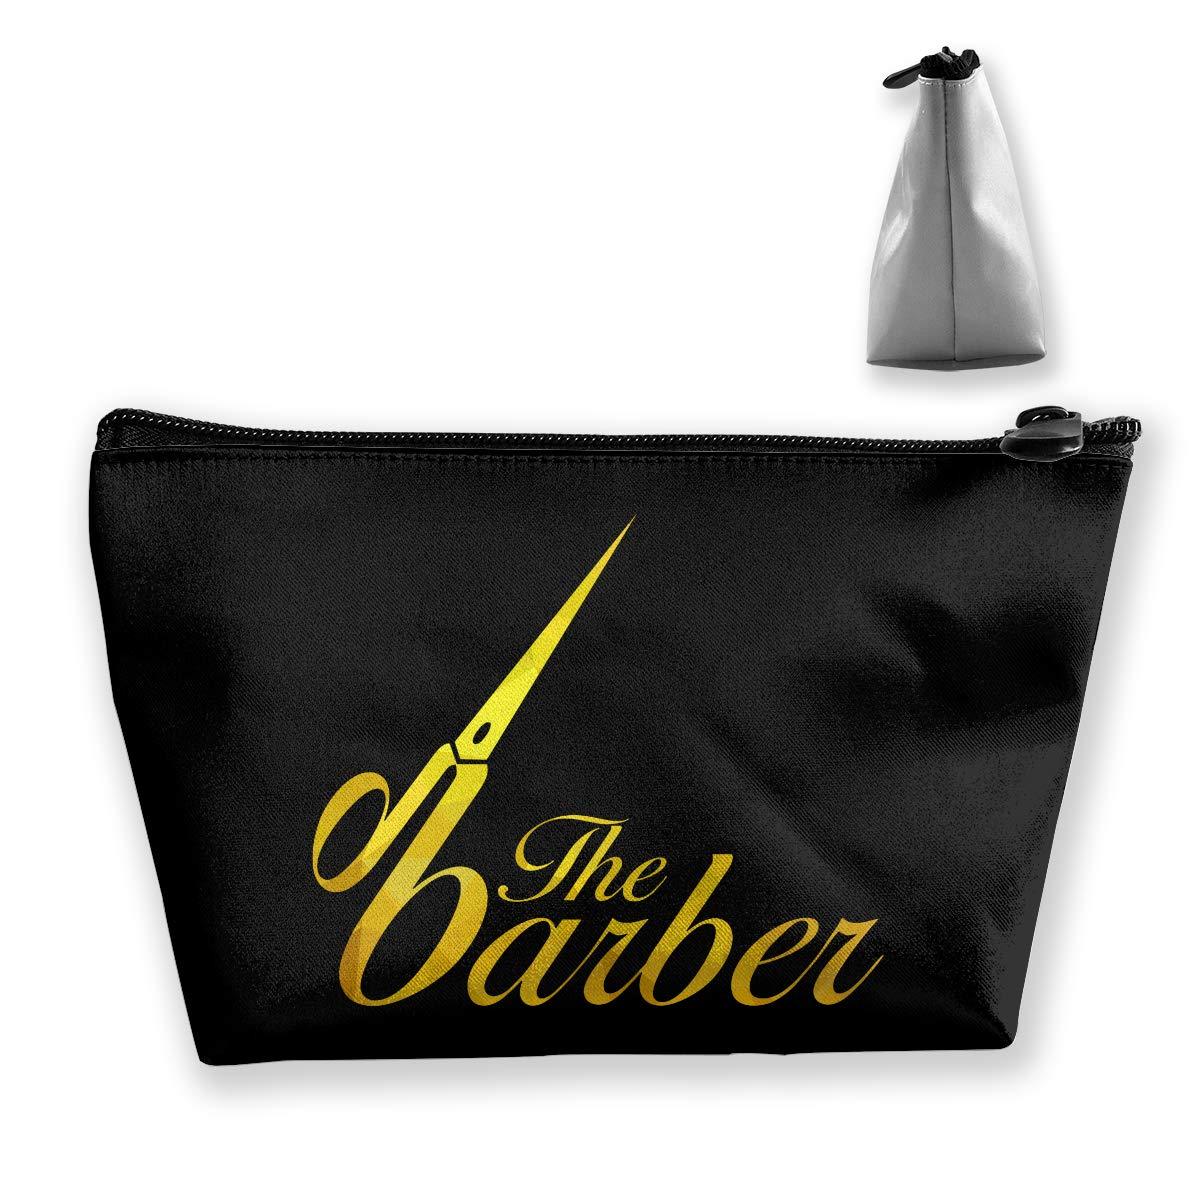 【激安セール】 The B07JYSKRMV Hairdresser Barber Hairdresser 小型トラベルメイクアップポーチ 化粧品収納オーガナイザーバッグ Barber B07JYSKRMV, MJ-MARKET:d7642be9 --- arianechie.dominiotemporario.com